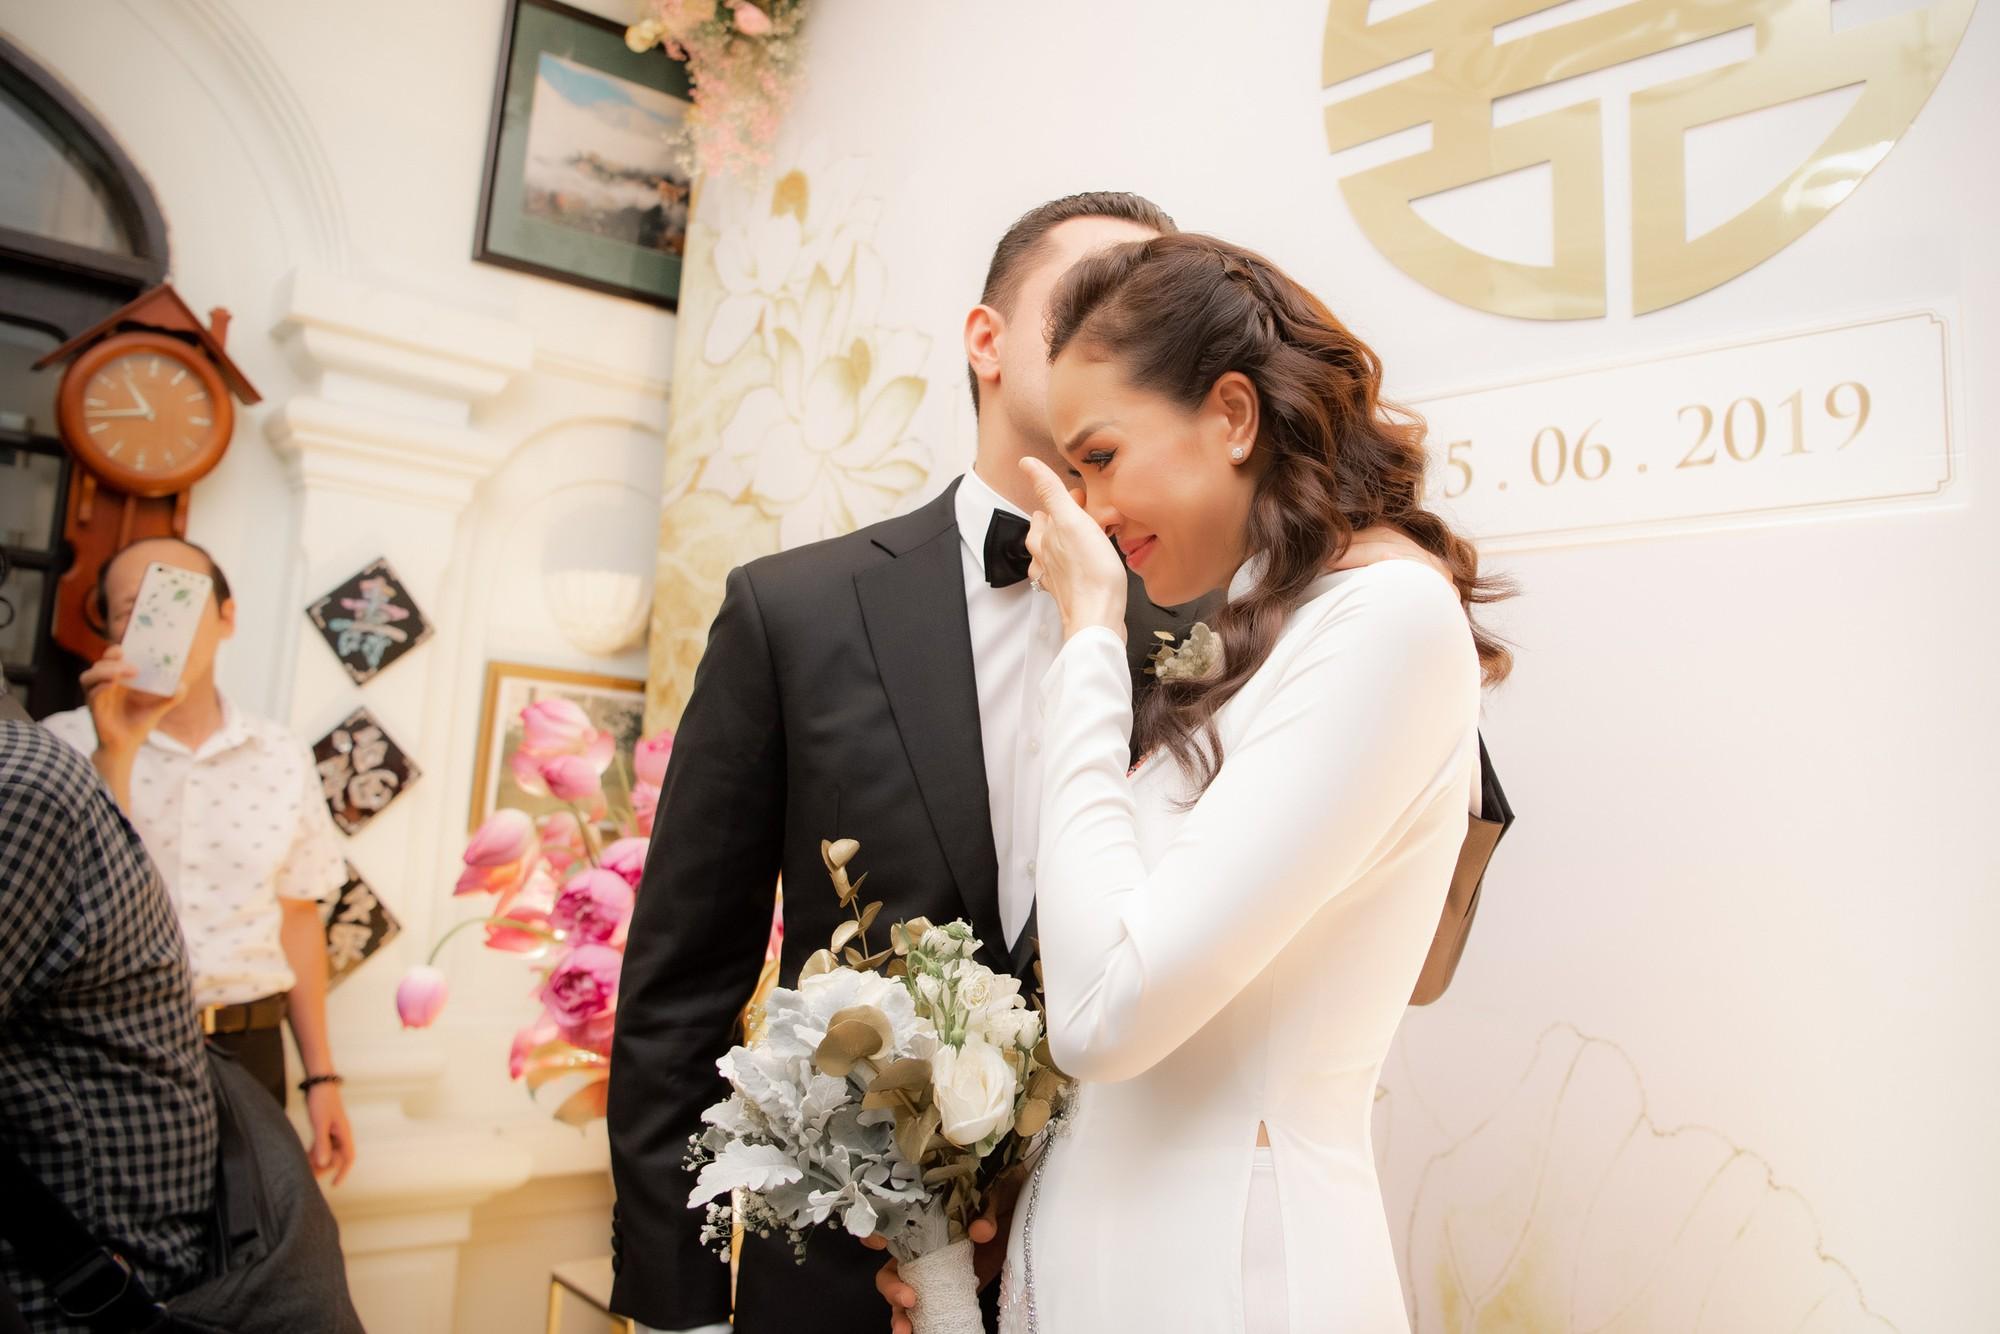 MC Phương Mai bật khóc xúc động, khoá môi ông xã Tây ngọt ngào trong ngày lên xe hoa về nhà chồng - Ảnh 10.